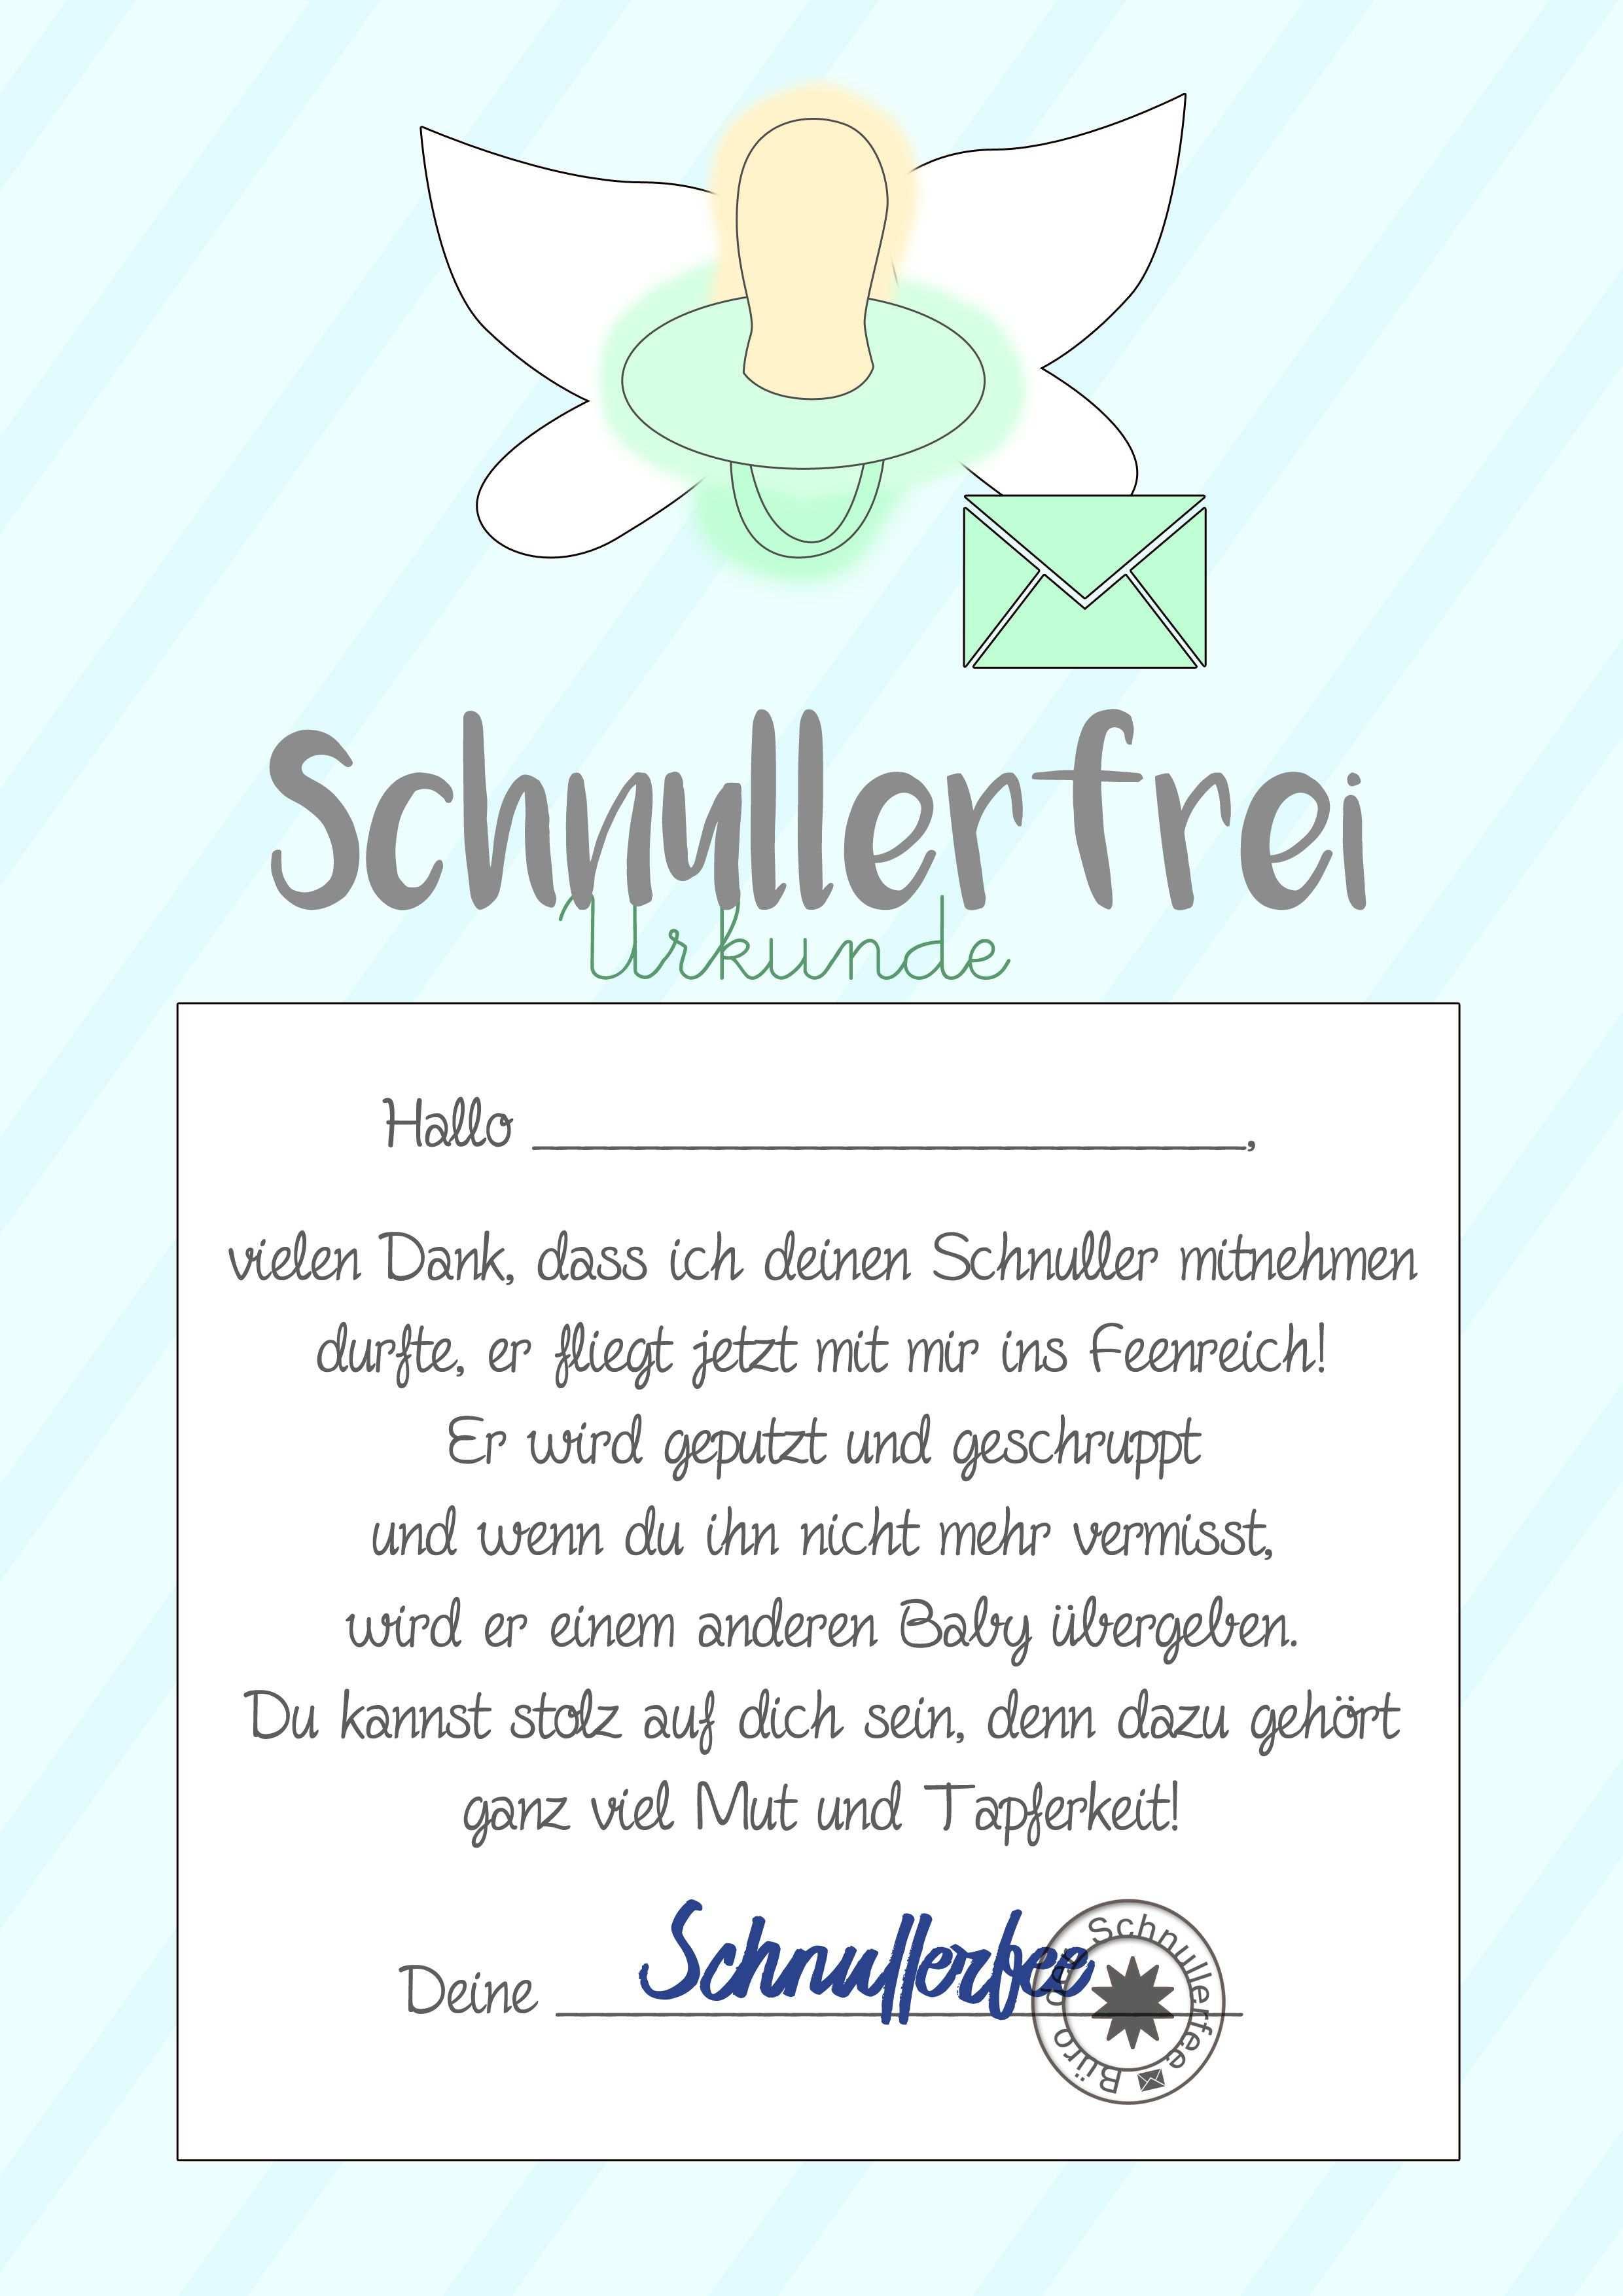 Schnullerfee Brief Vorlage Zum Ausdrucken Schnullerfee